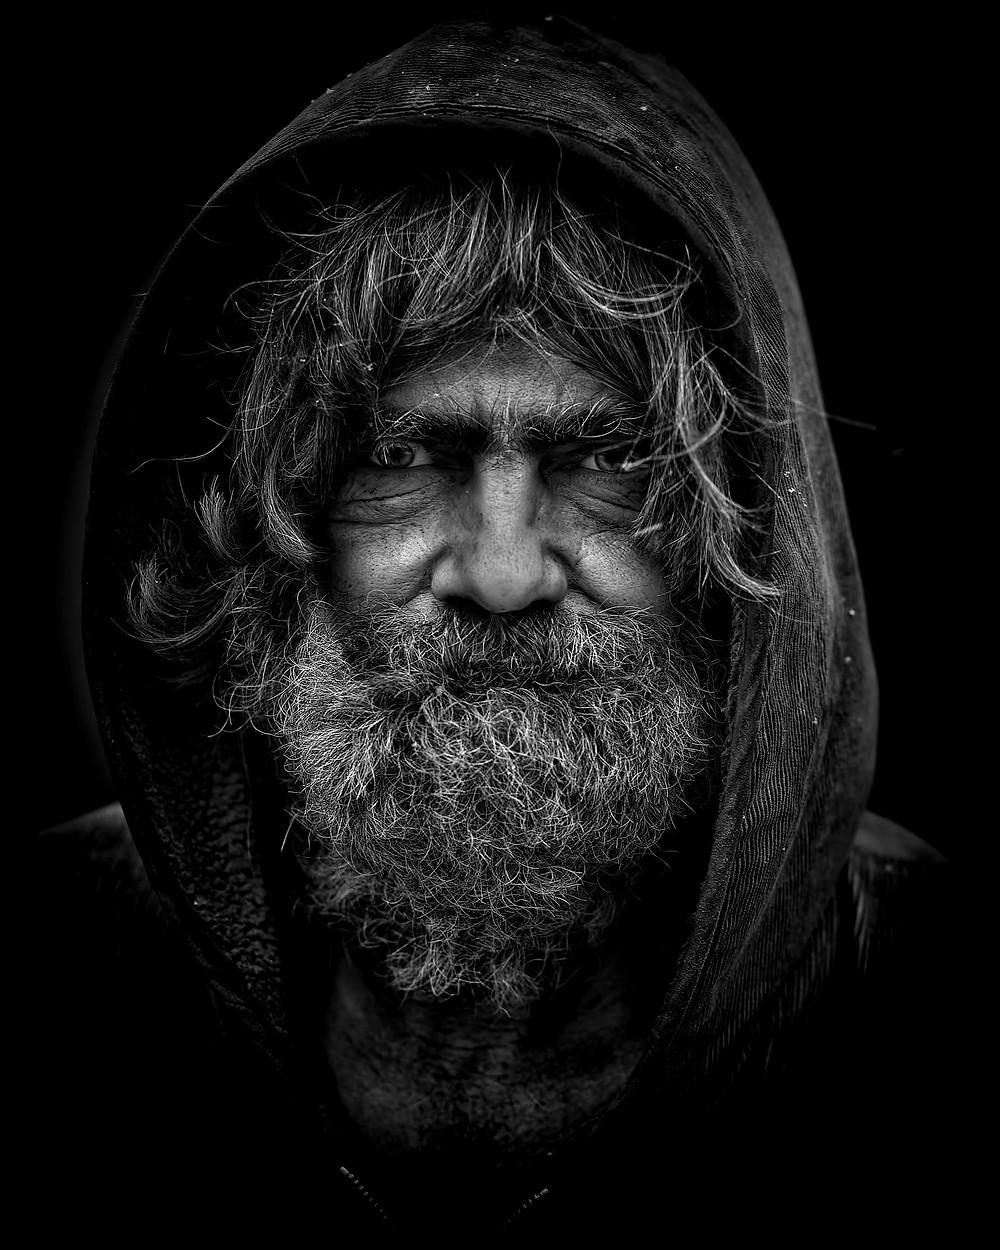 Rosto de mendigo morador de rua